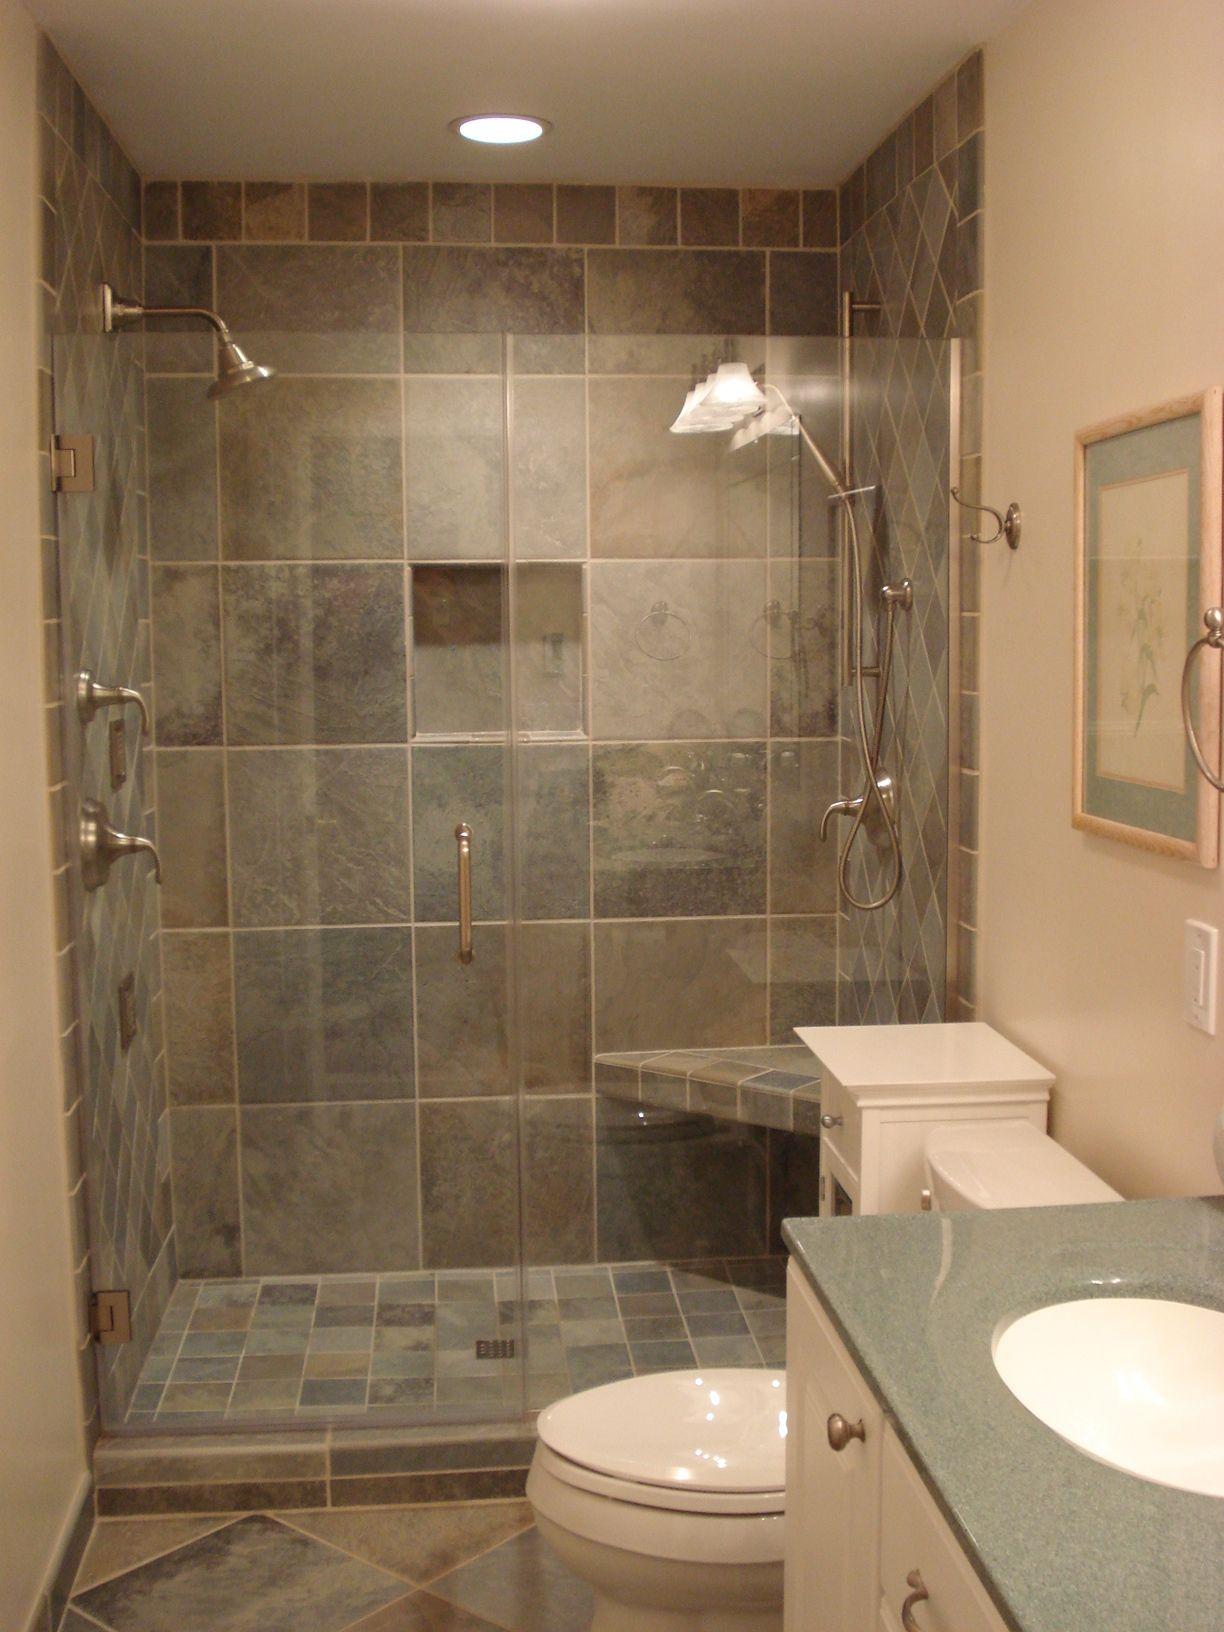 Remodeling the bathroom Inspiration for bathroom remodeling VMHLJZA